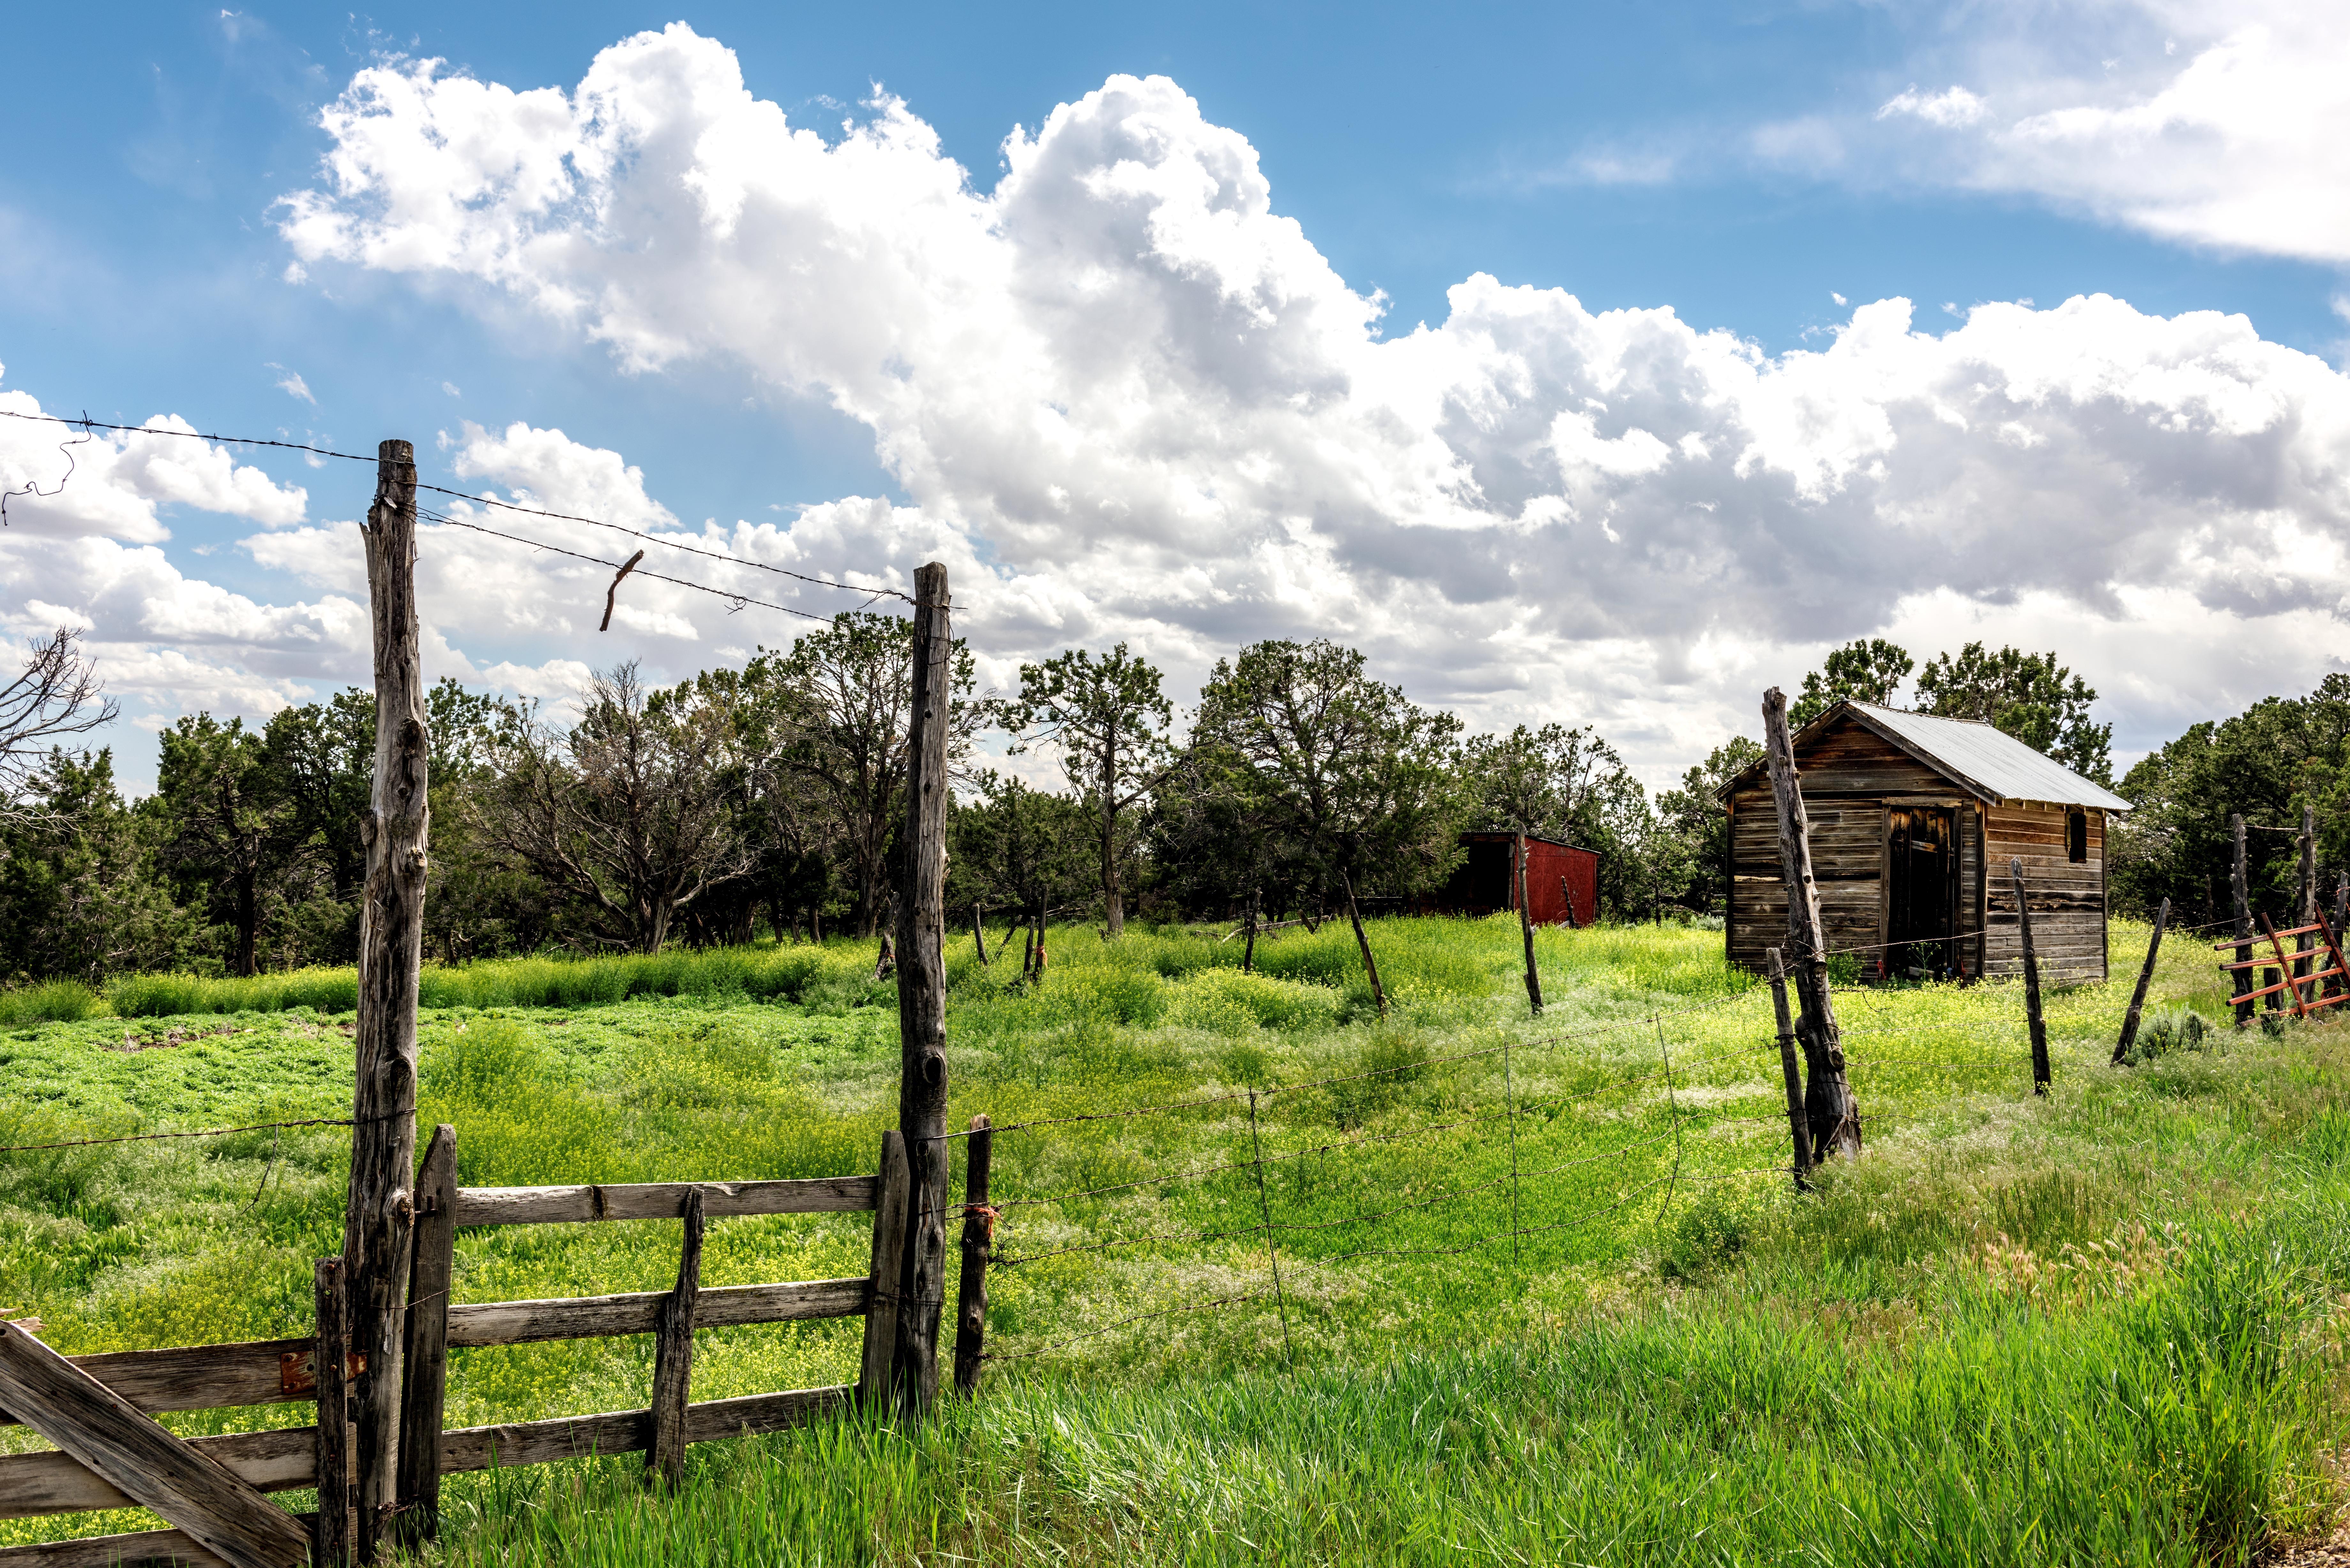 Kostenlose foto : Landschaft, Gras, Holz, Feld, Bauernhof, Wiese ...